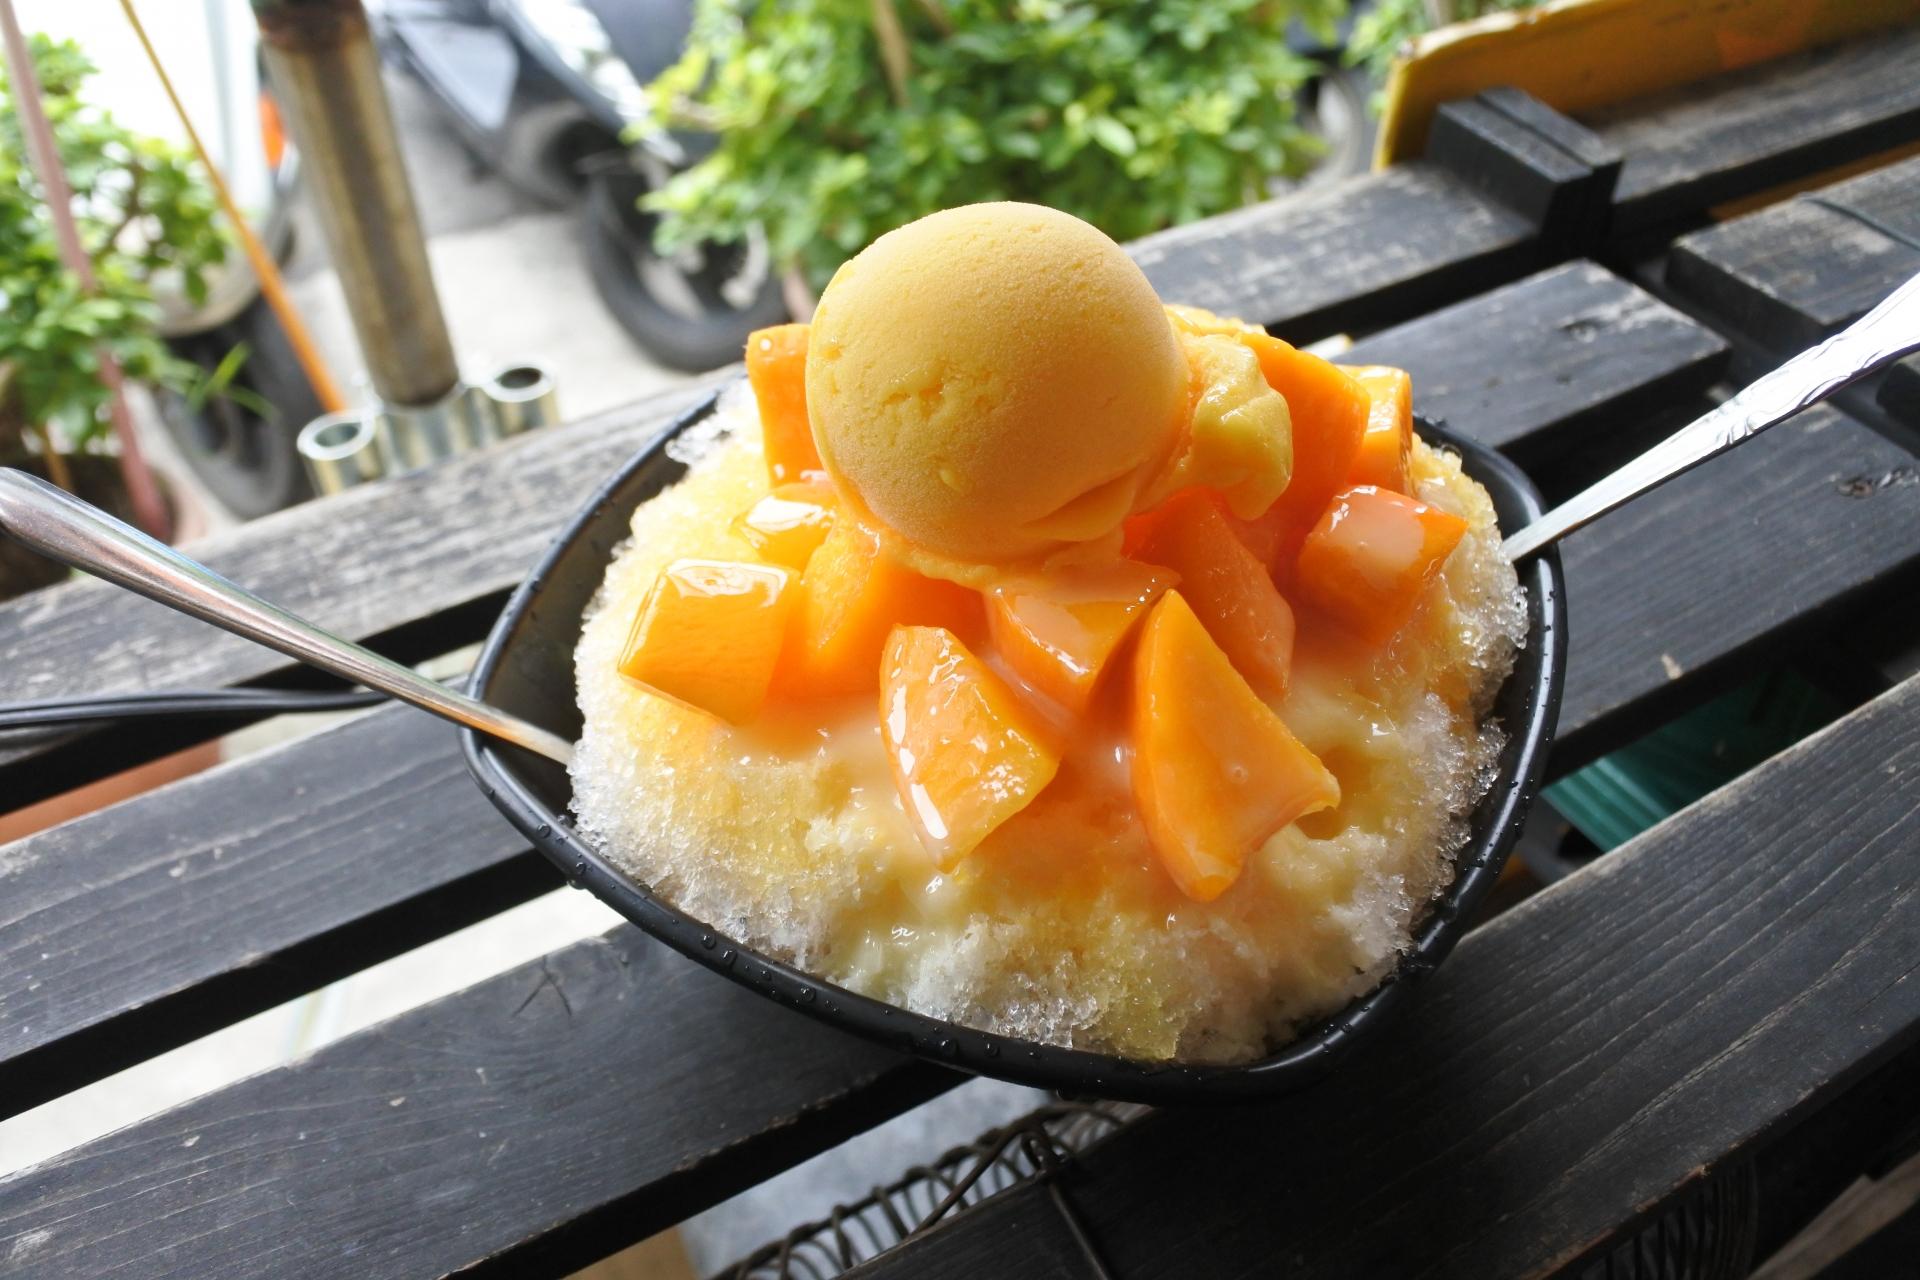 石垣島の夏の名物であるマンゴー